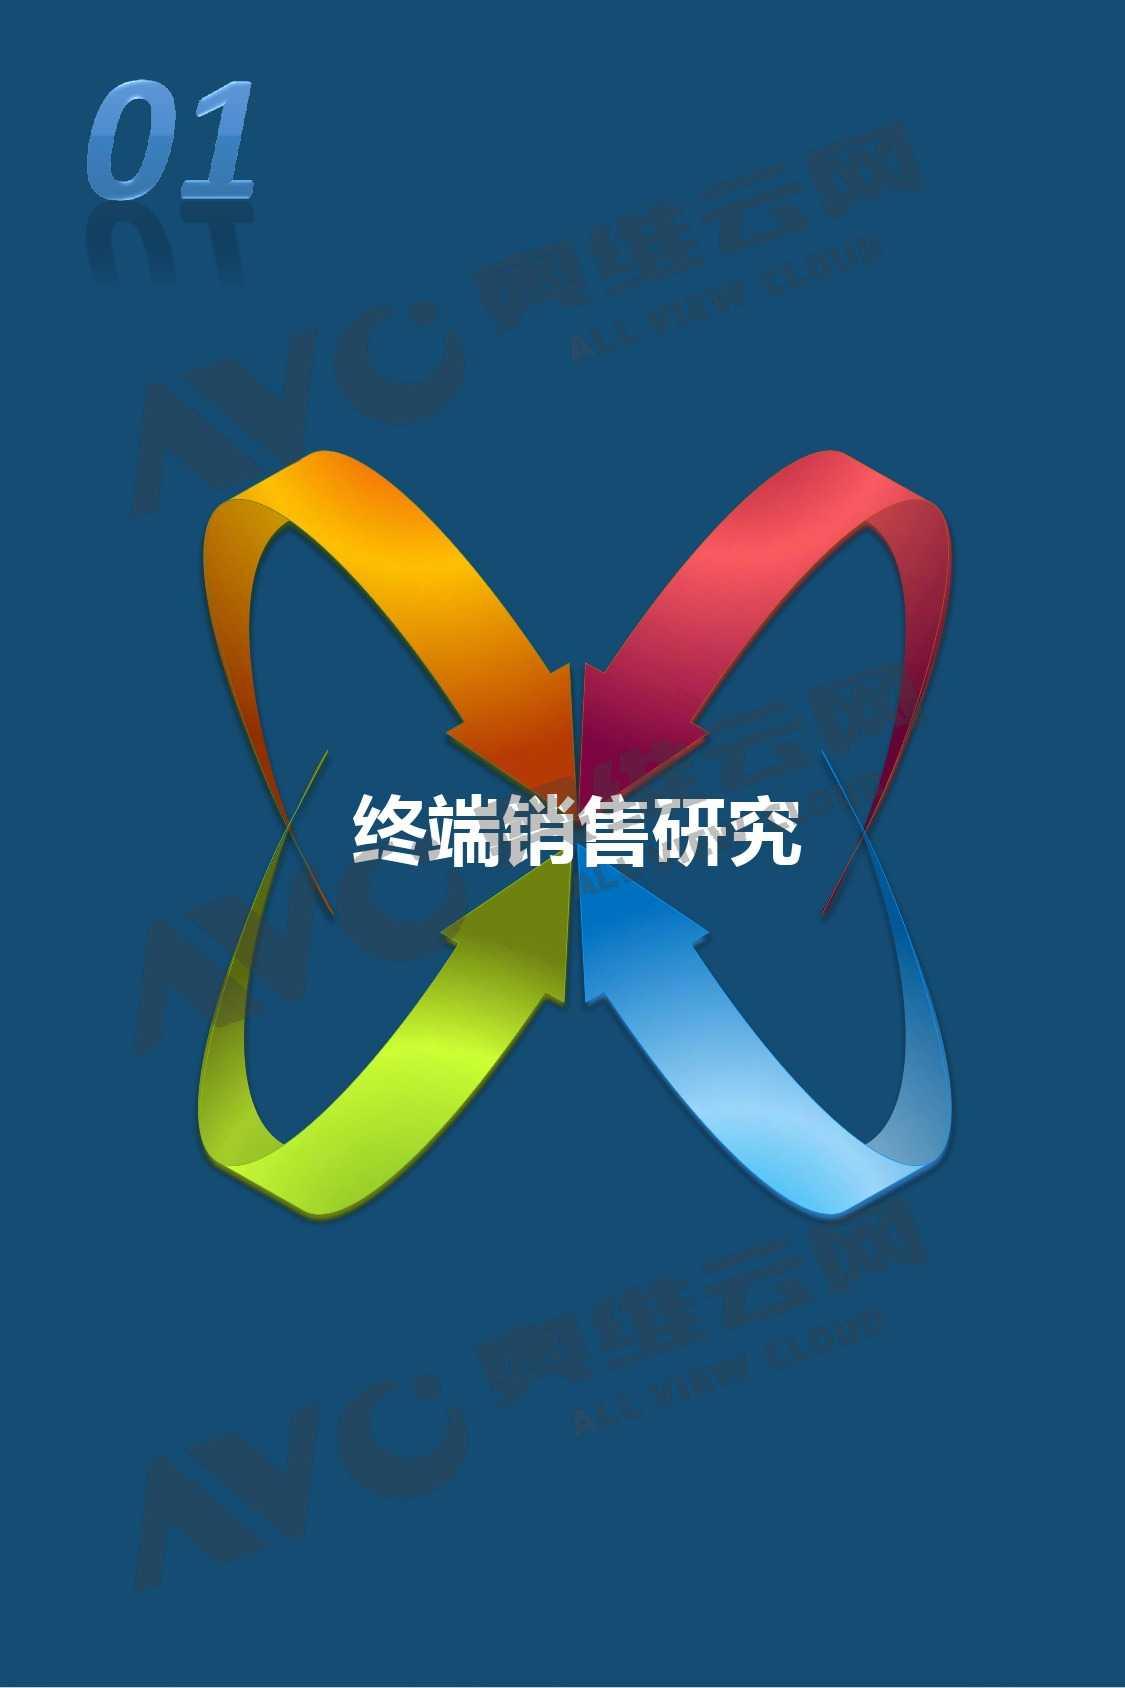 奥维云网:2015年10月份中国OTT发展研究_000003